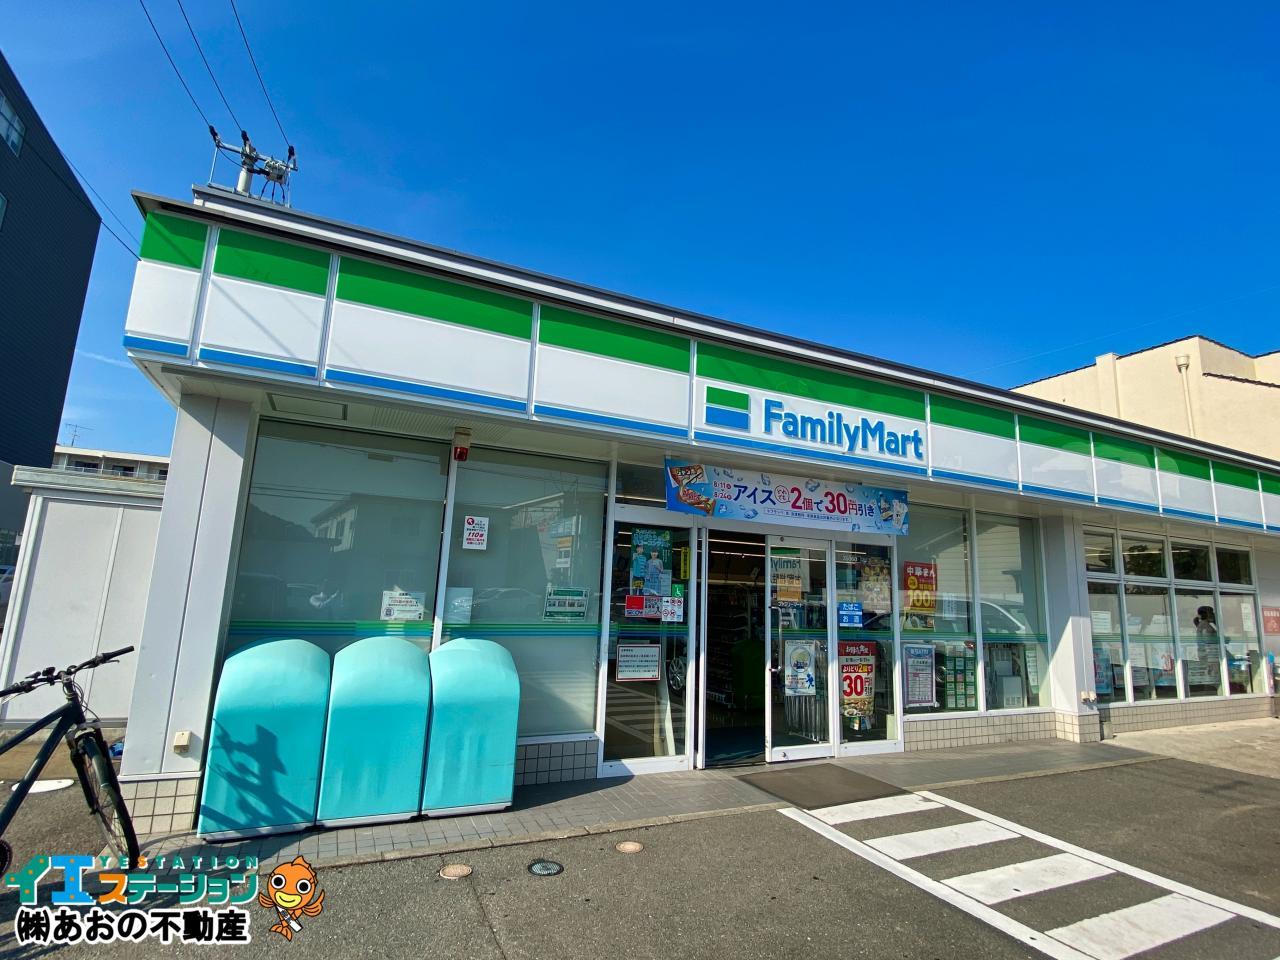 ファミリーマート 中前川町店